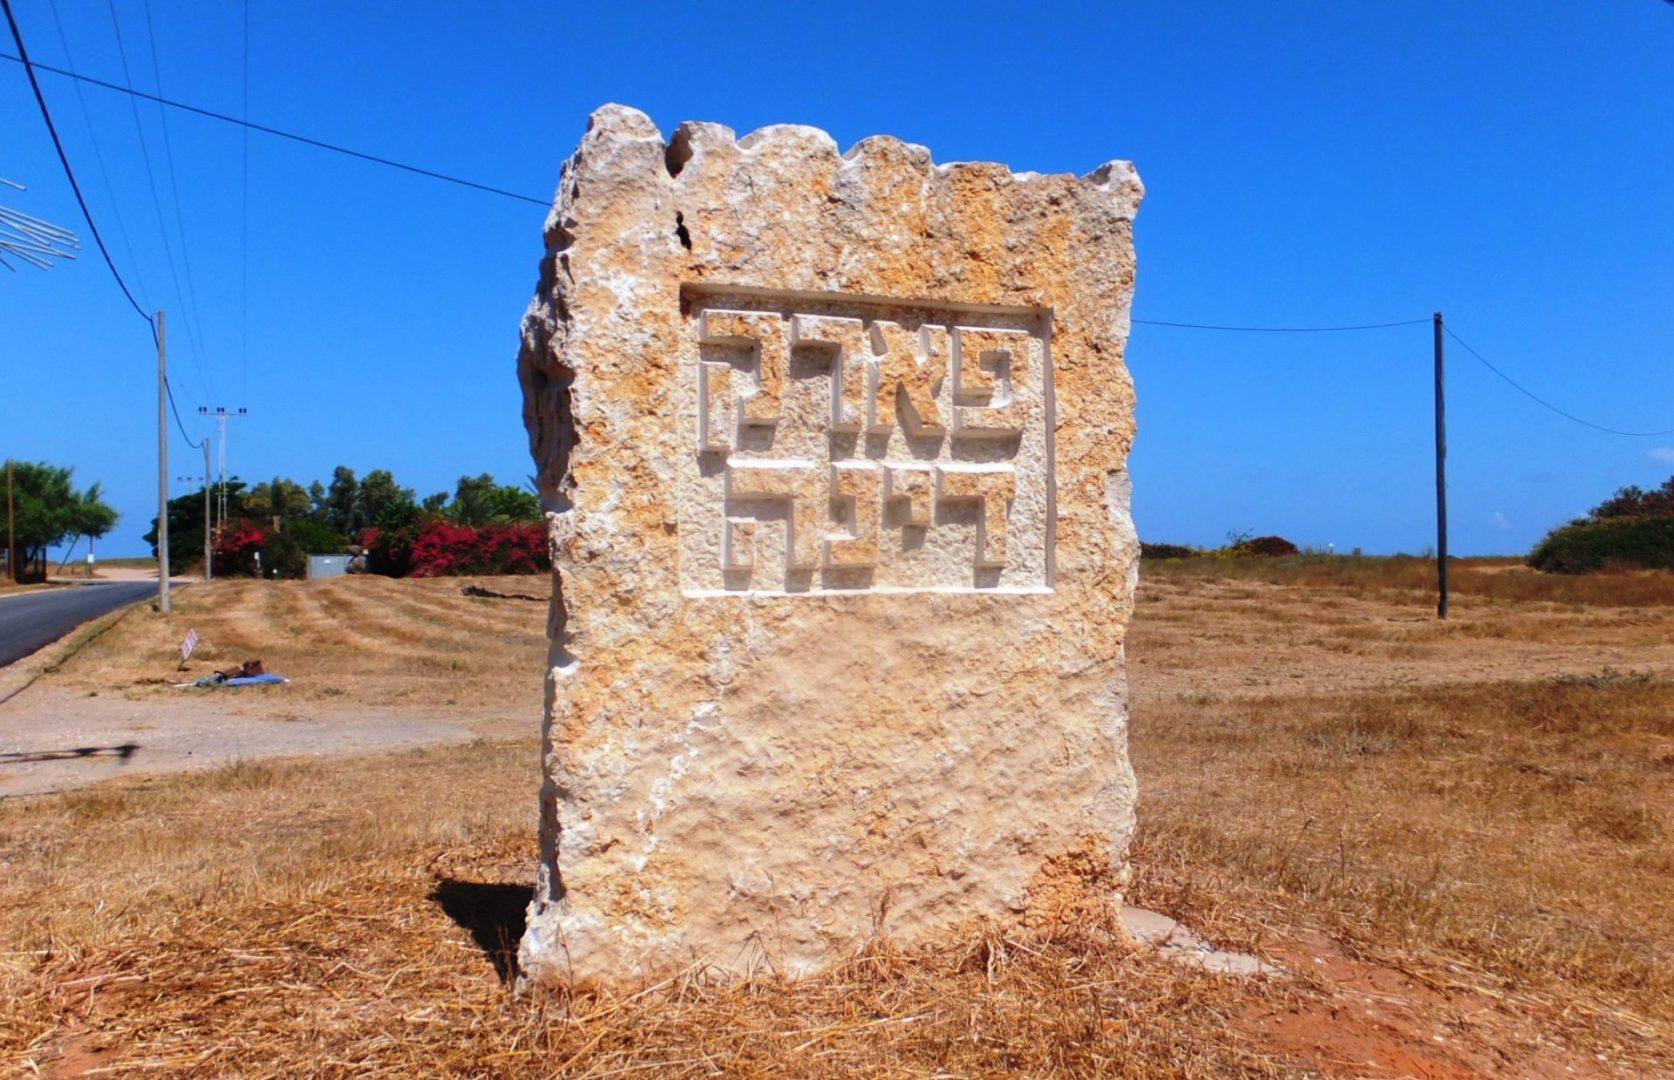 """Надпись на камне: """"Парк Дины"""""""